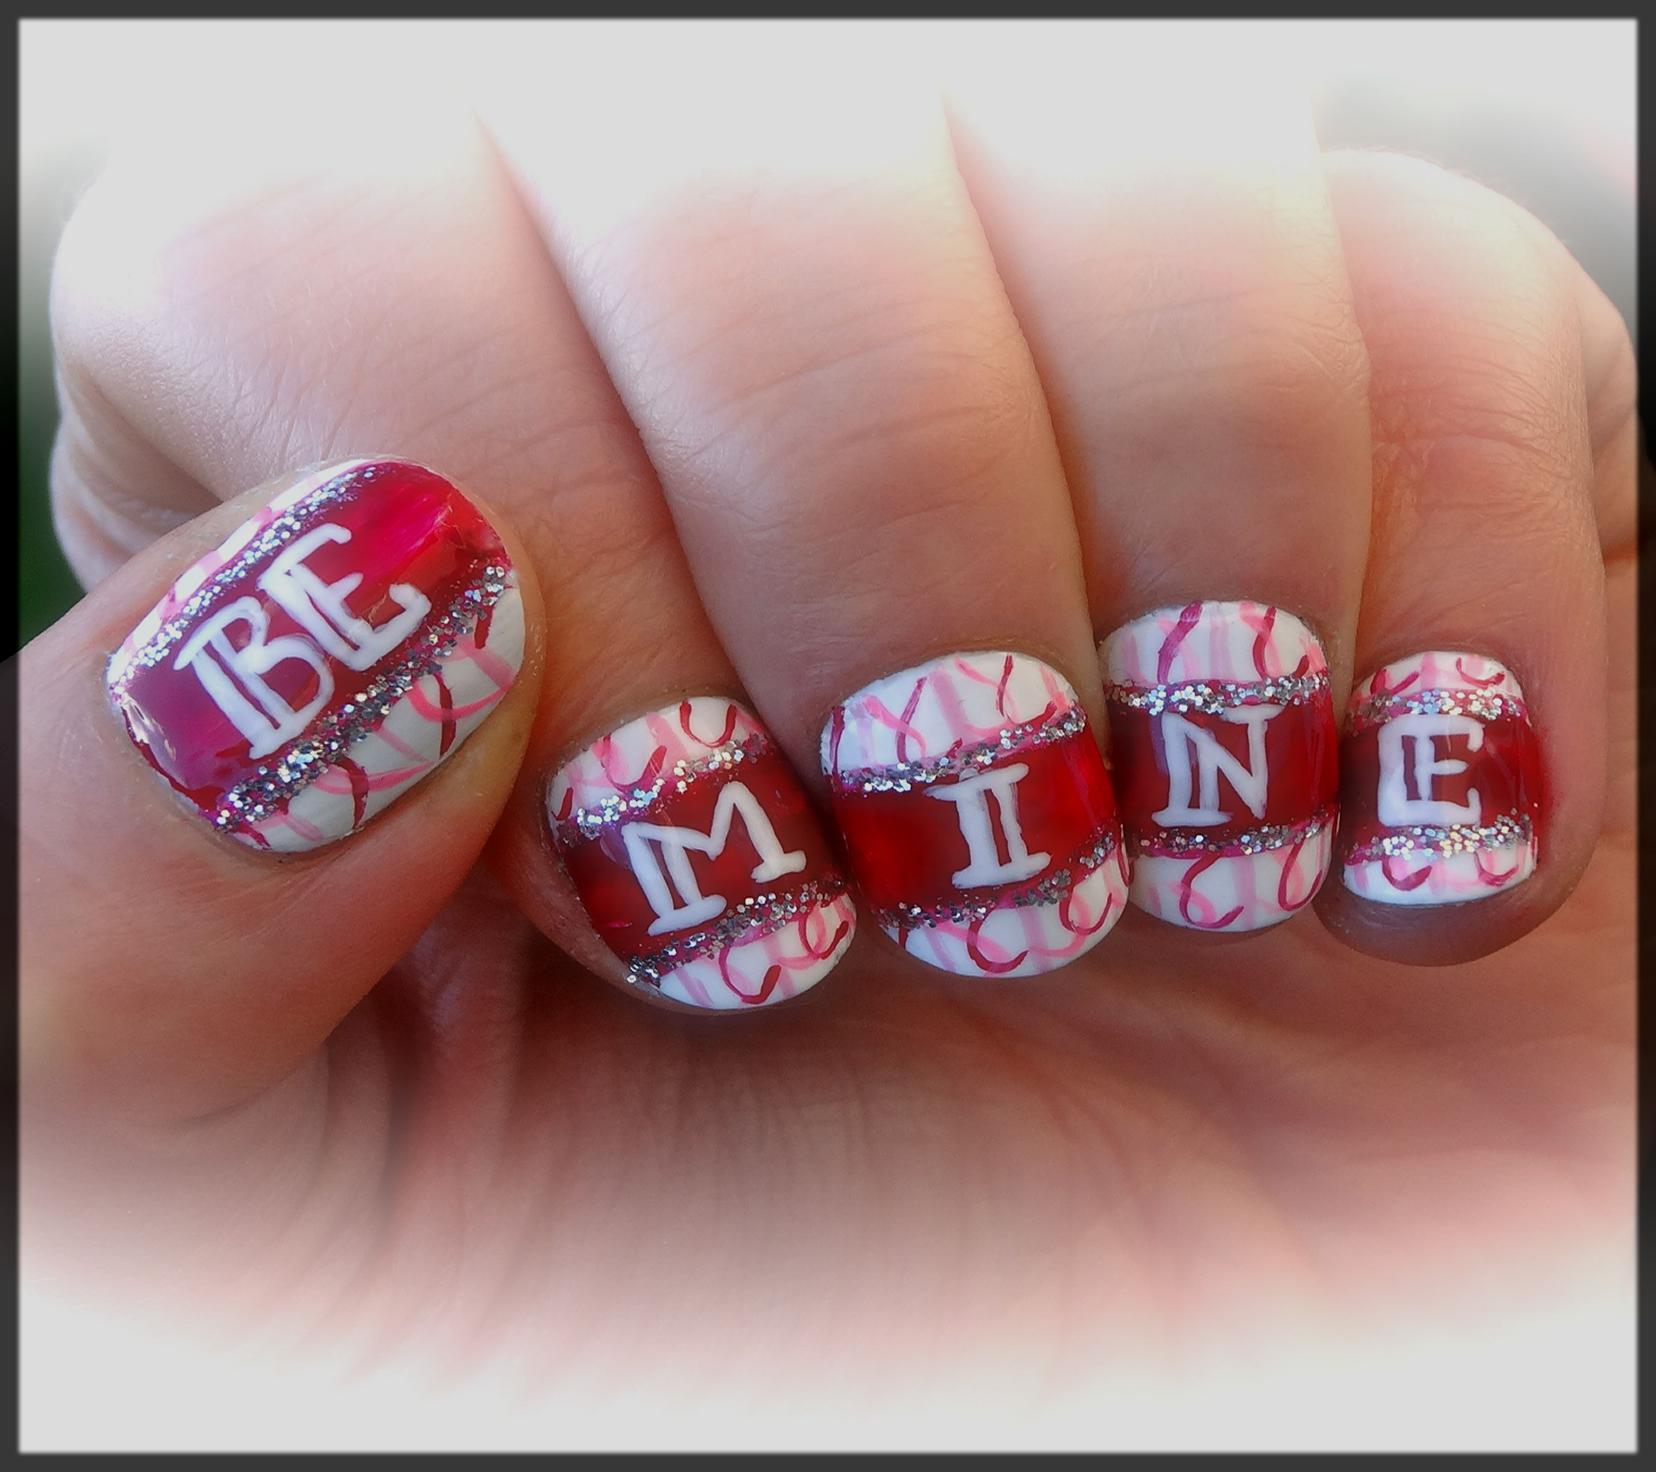 Bee Mine Valentine's Day Nail Art Designs